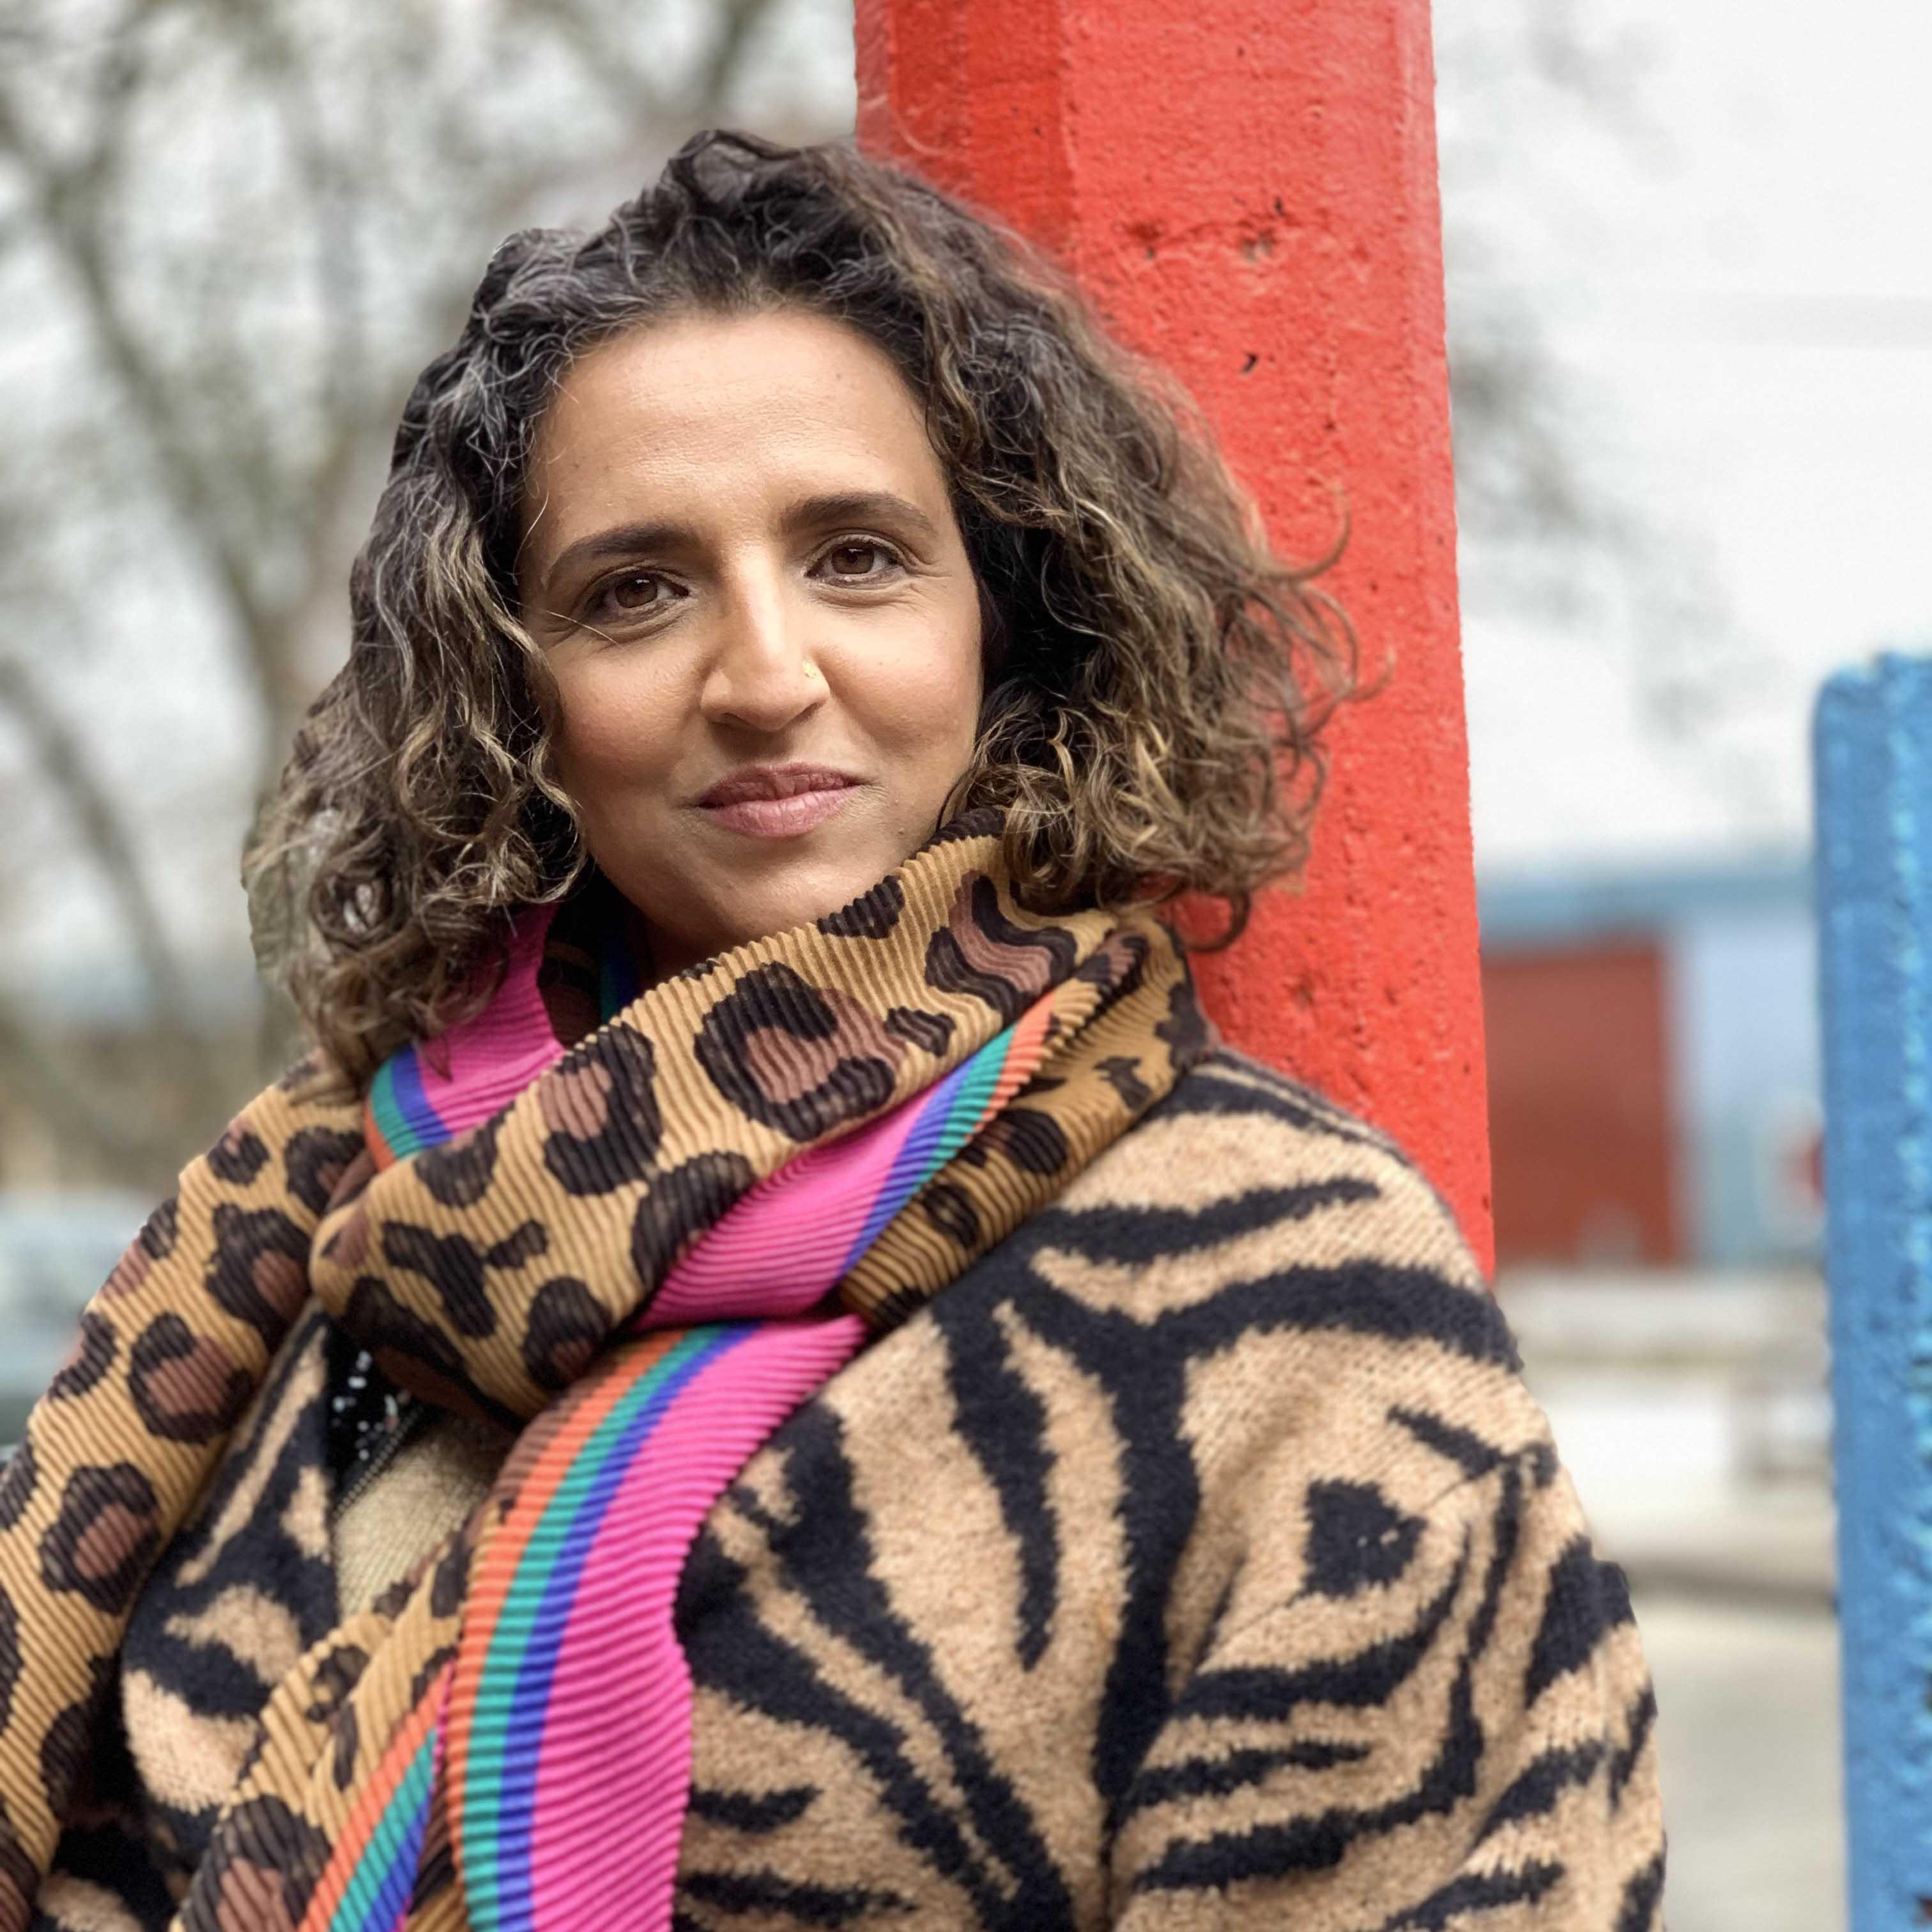 Bilden är ett porträtt i halvfigur av dansaren och koreografen Rani Nair. Rani har lockigt brunt hår och tittar rakt in i kameran. På sig har hon en tigermönstrad kappa, en leopardmönstrad halsduk och ytterligare en färgglad halsduk i rosa, orange, lila och ljusblått.